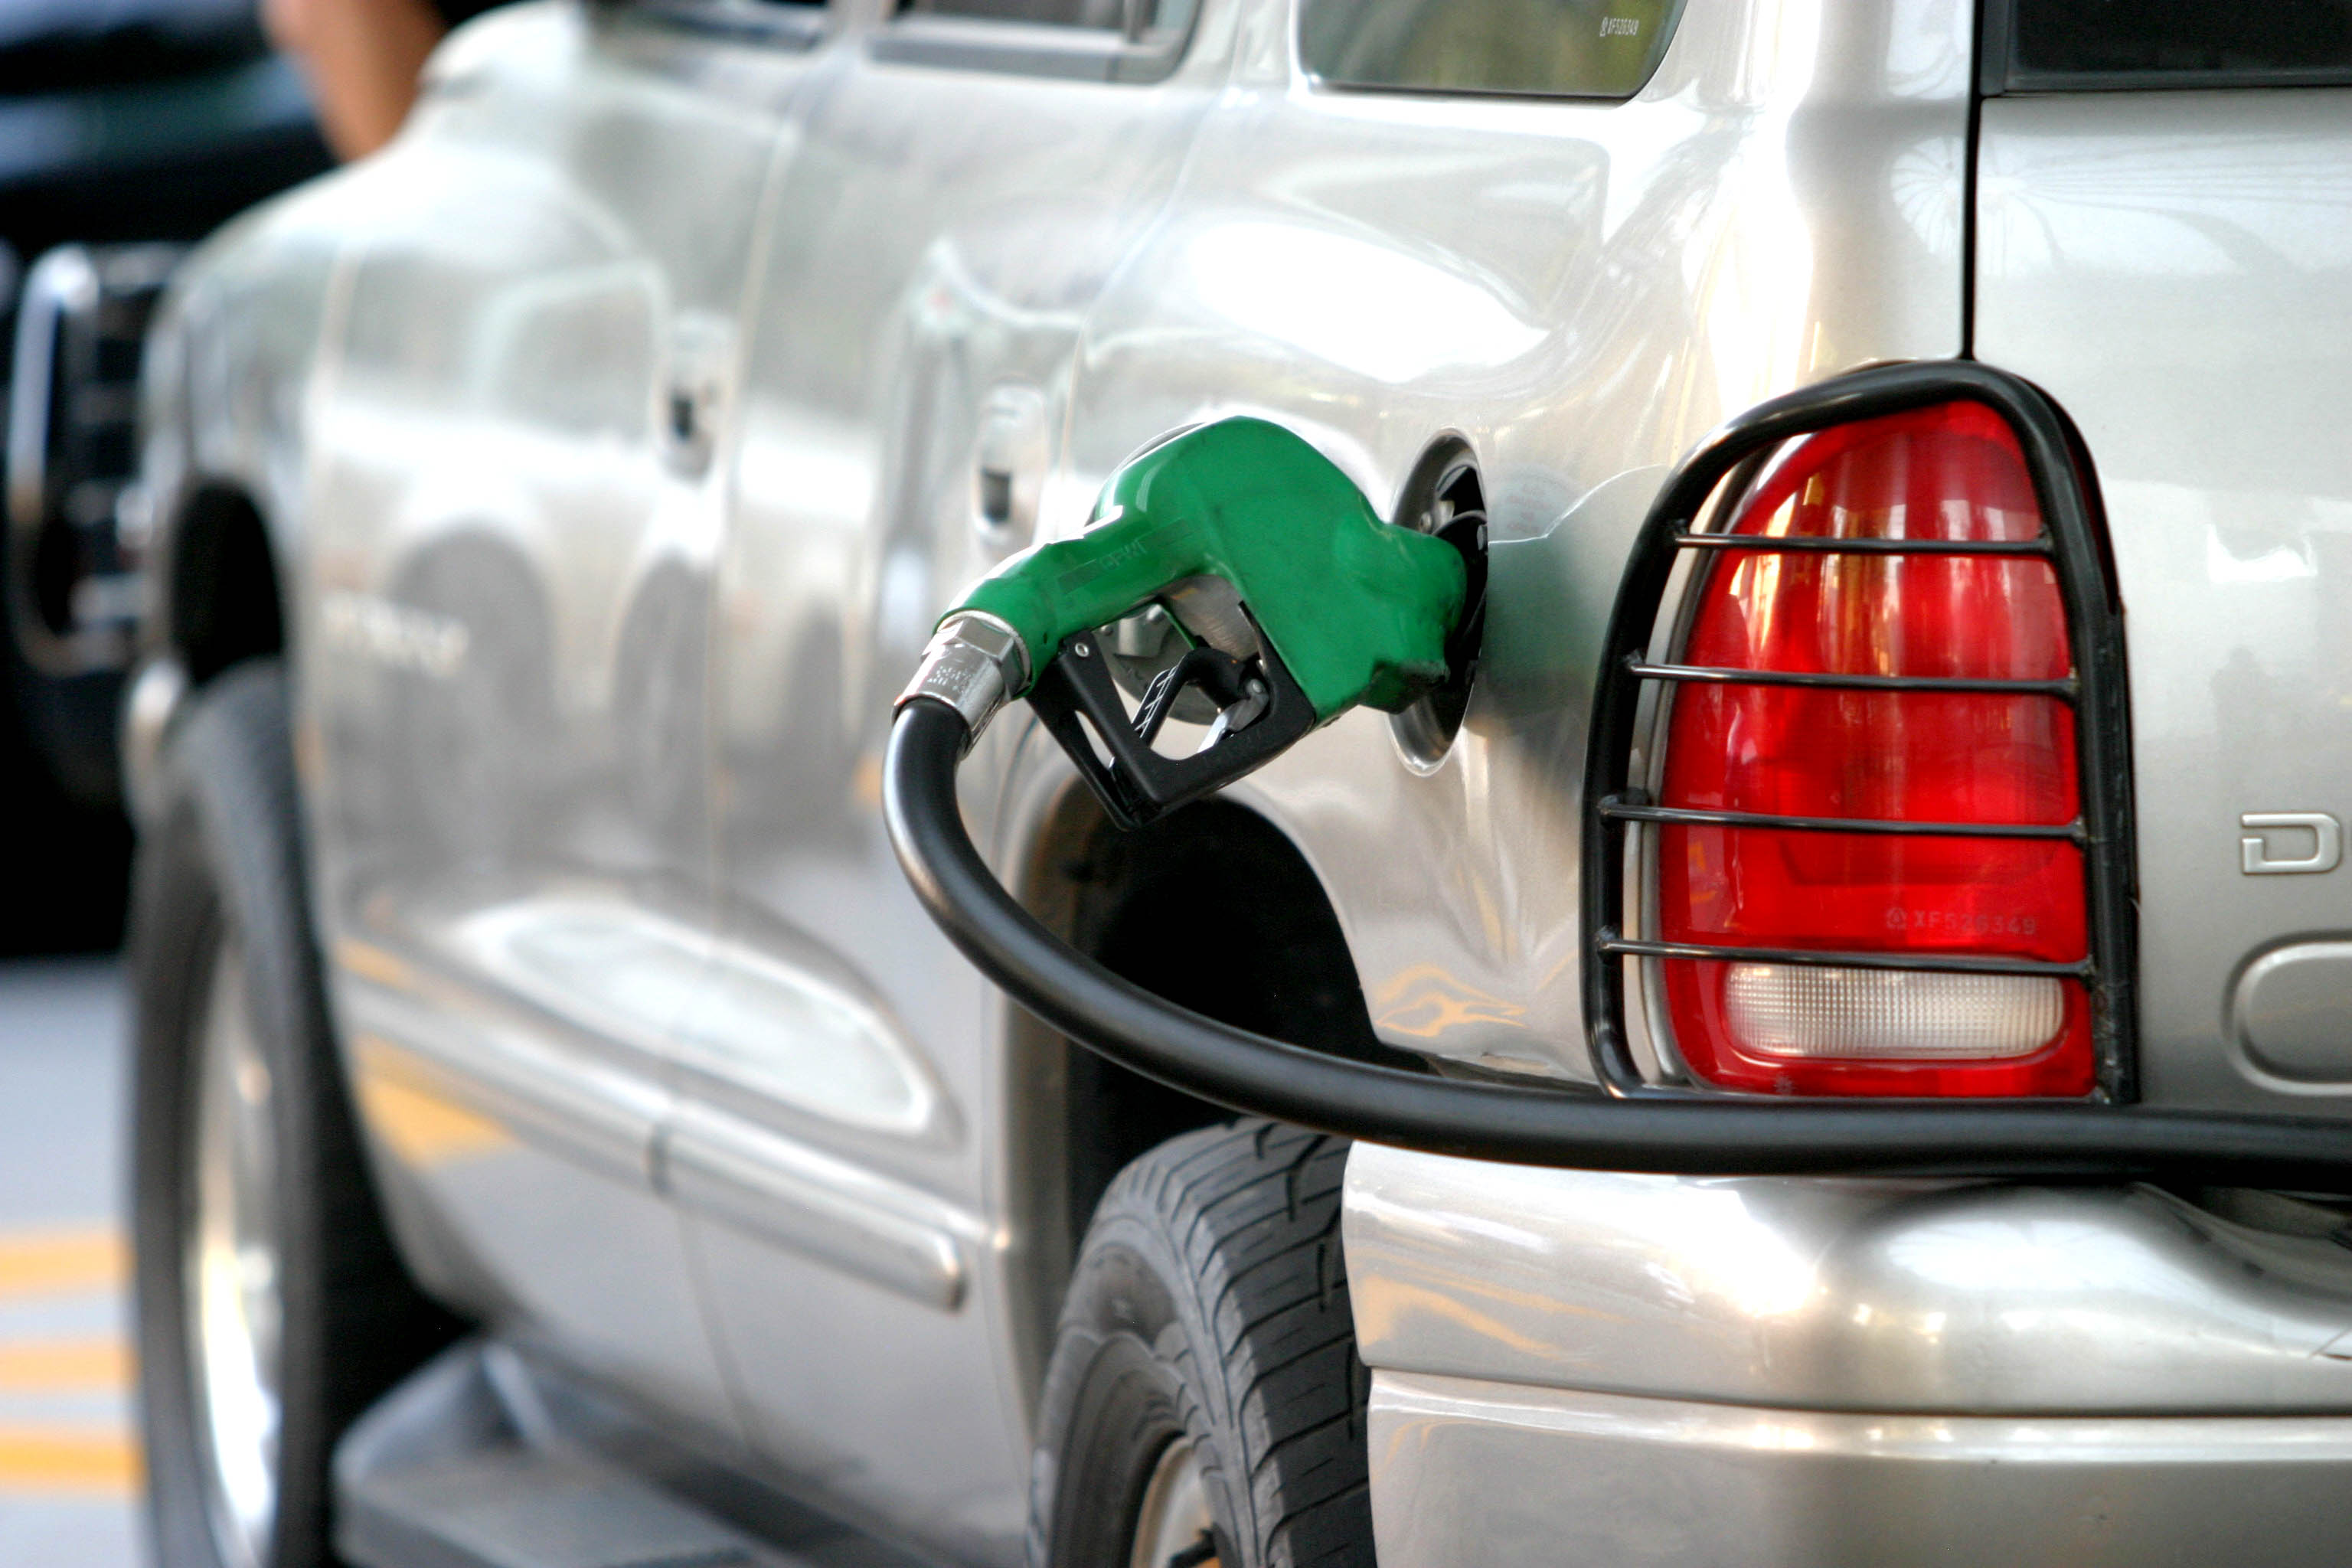 Con que gasolina meter henday santa fe